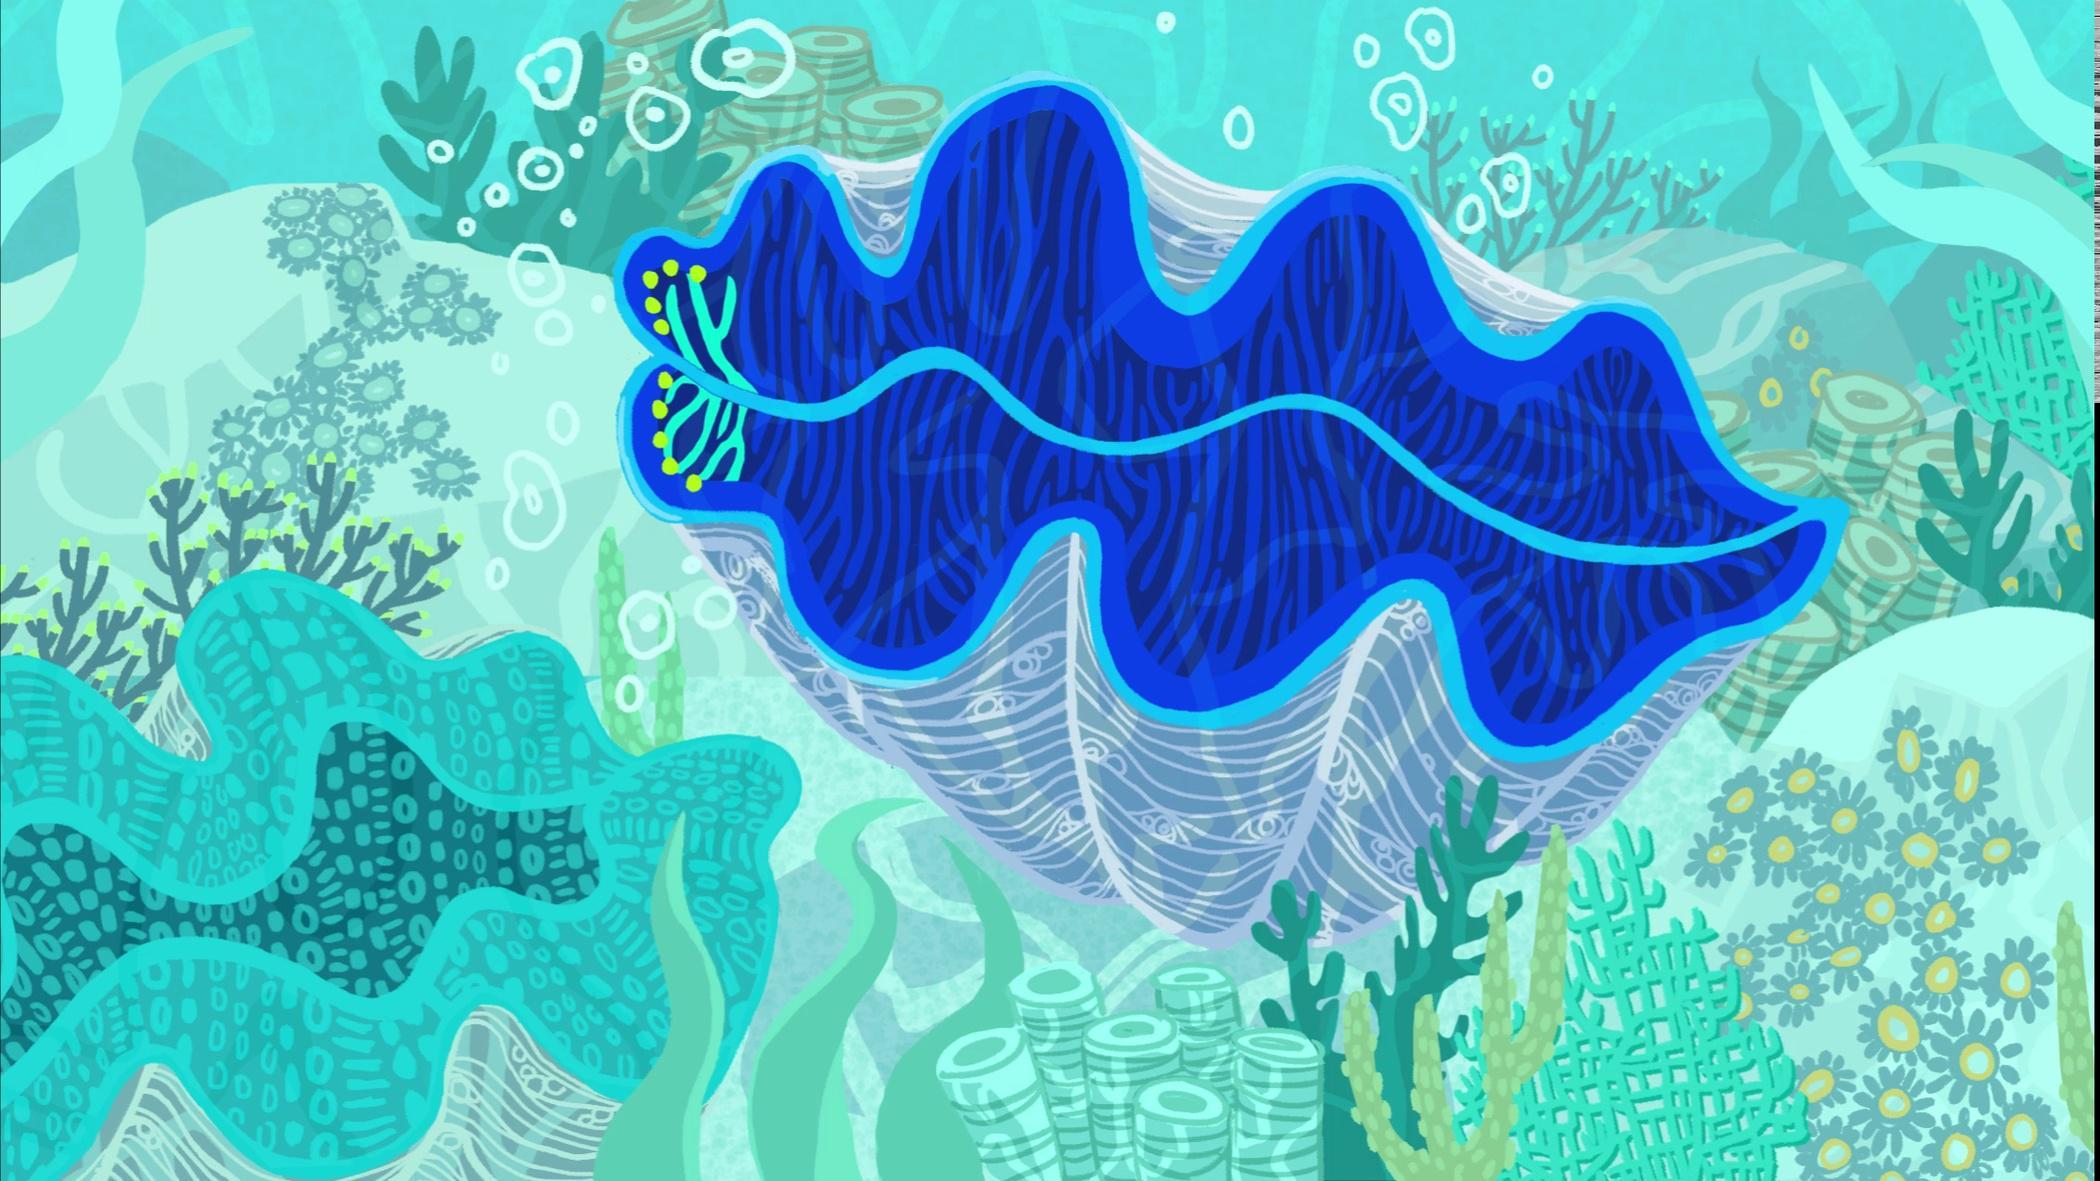 潜水者发现神秘发光巨蛤,听说有拯救地球的潜力?